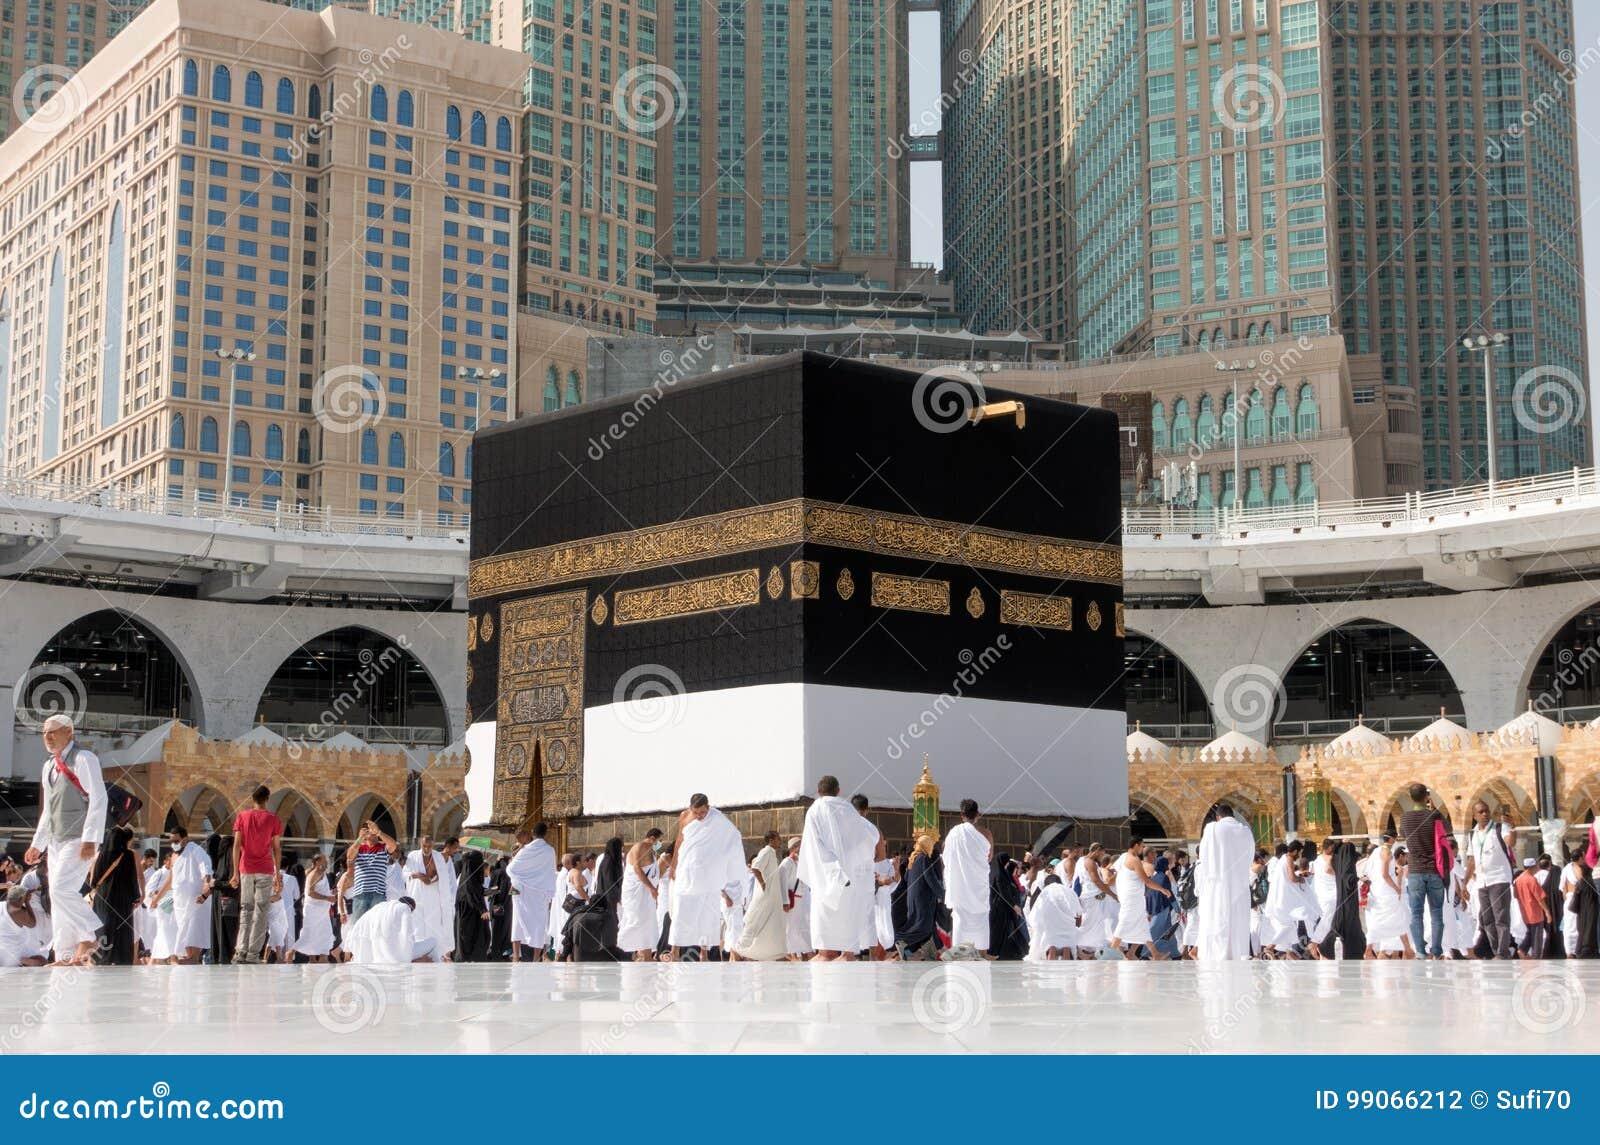 Kaaba in la mecca in editoriale dell 39 arabia saudita for La capitale dell arabia saudita